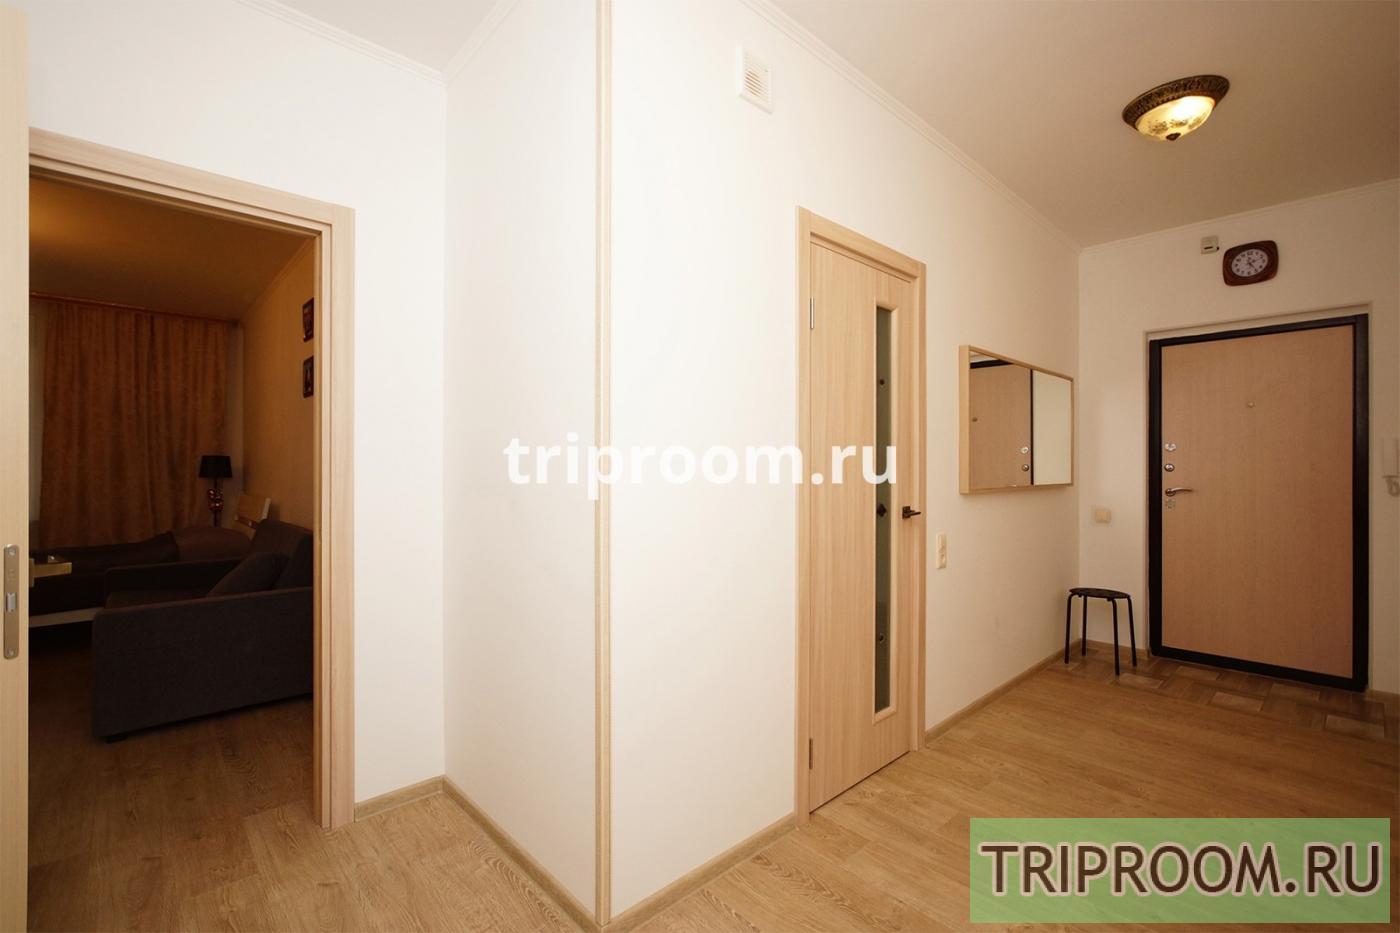 1-комнатная квартира посуточно (вариант № 17278), ул. Полтавский проезд, фото № 15